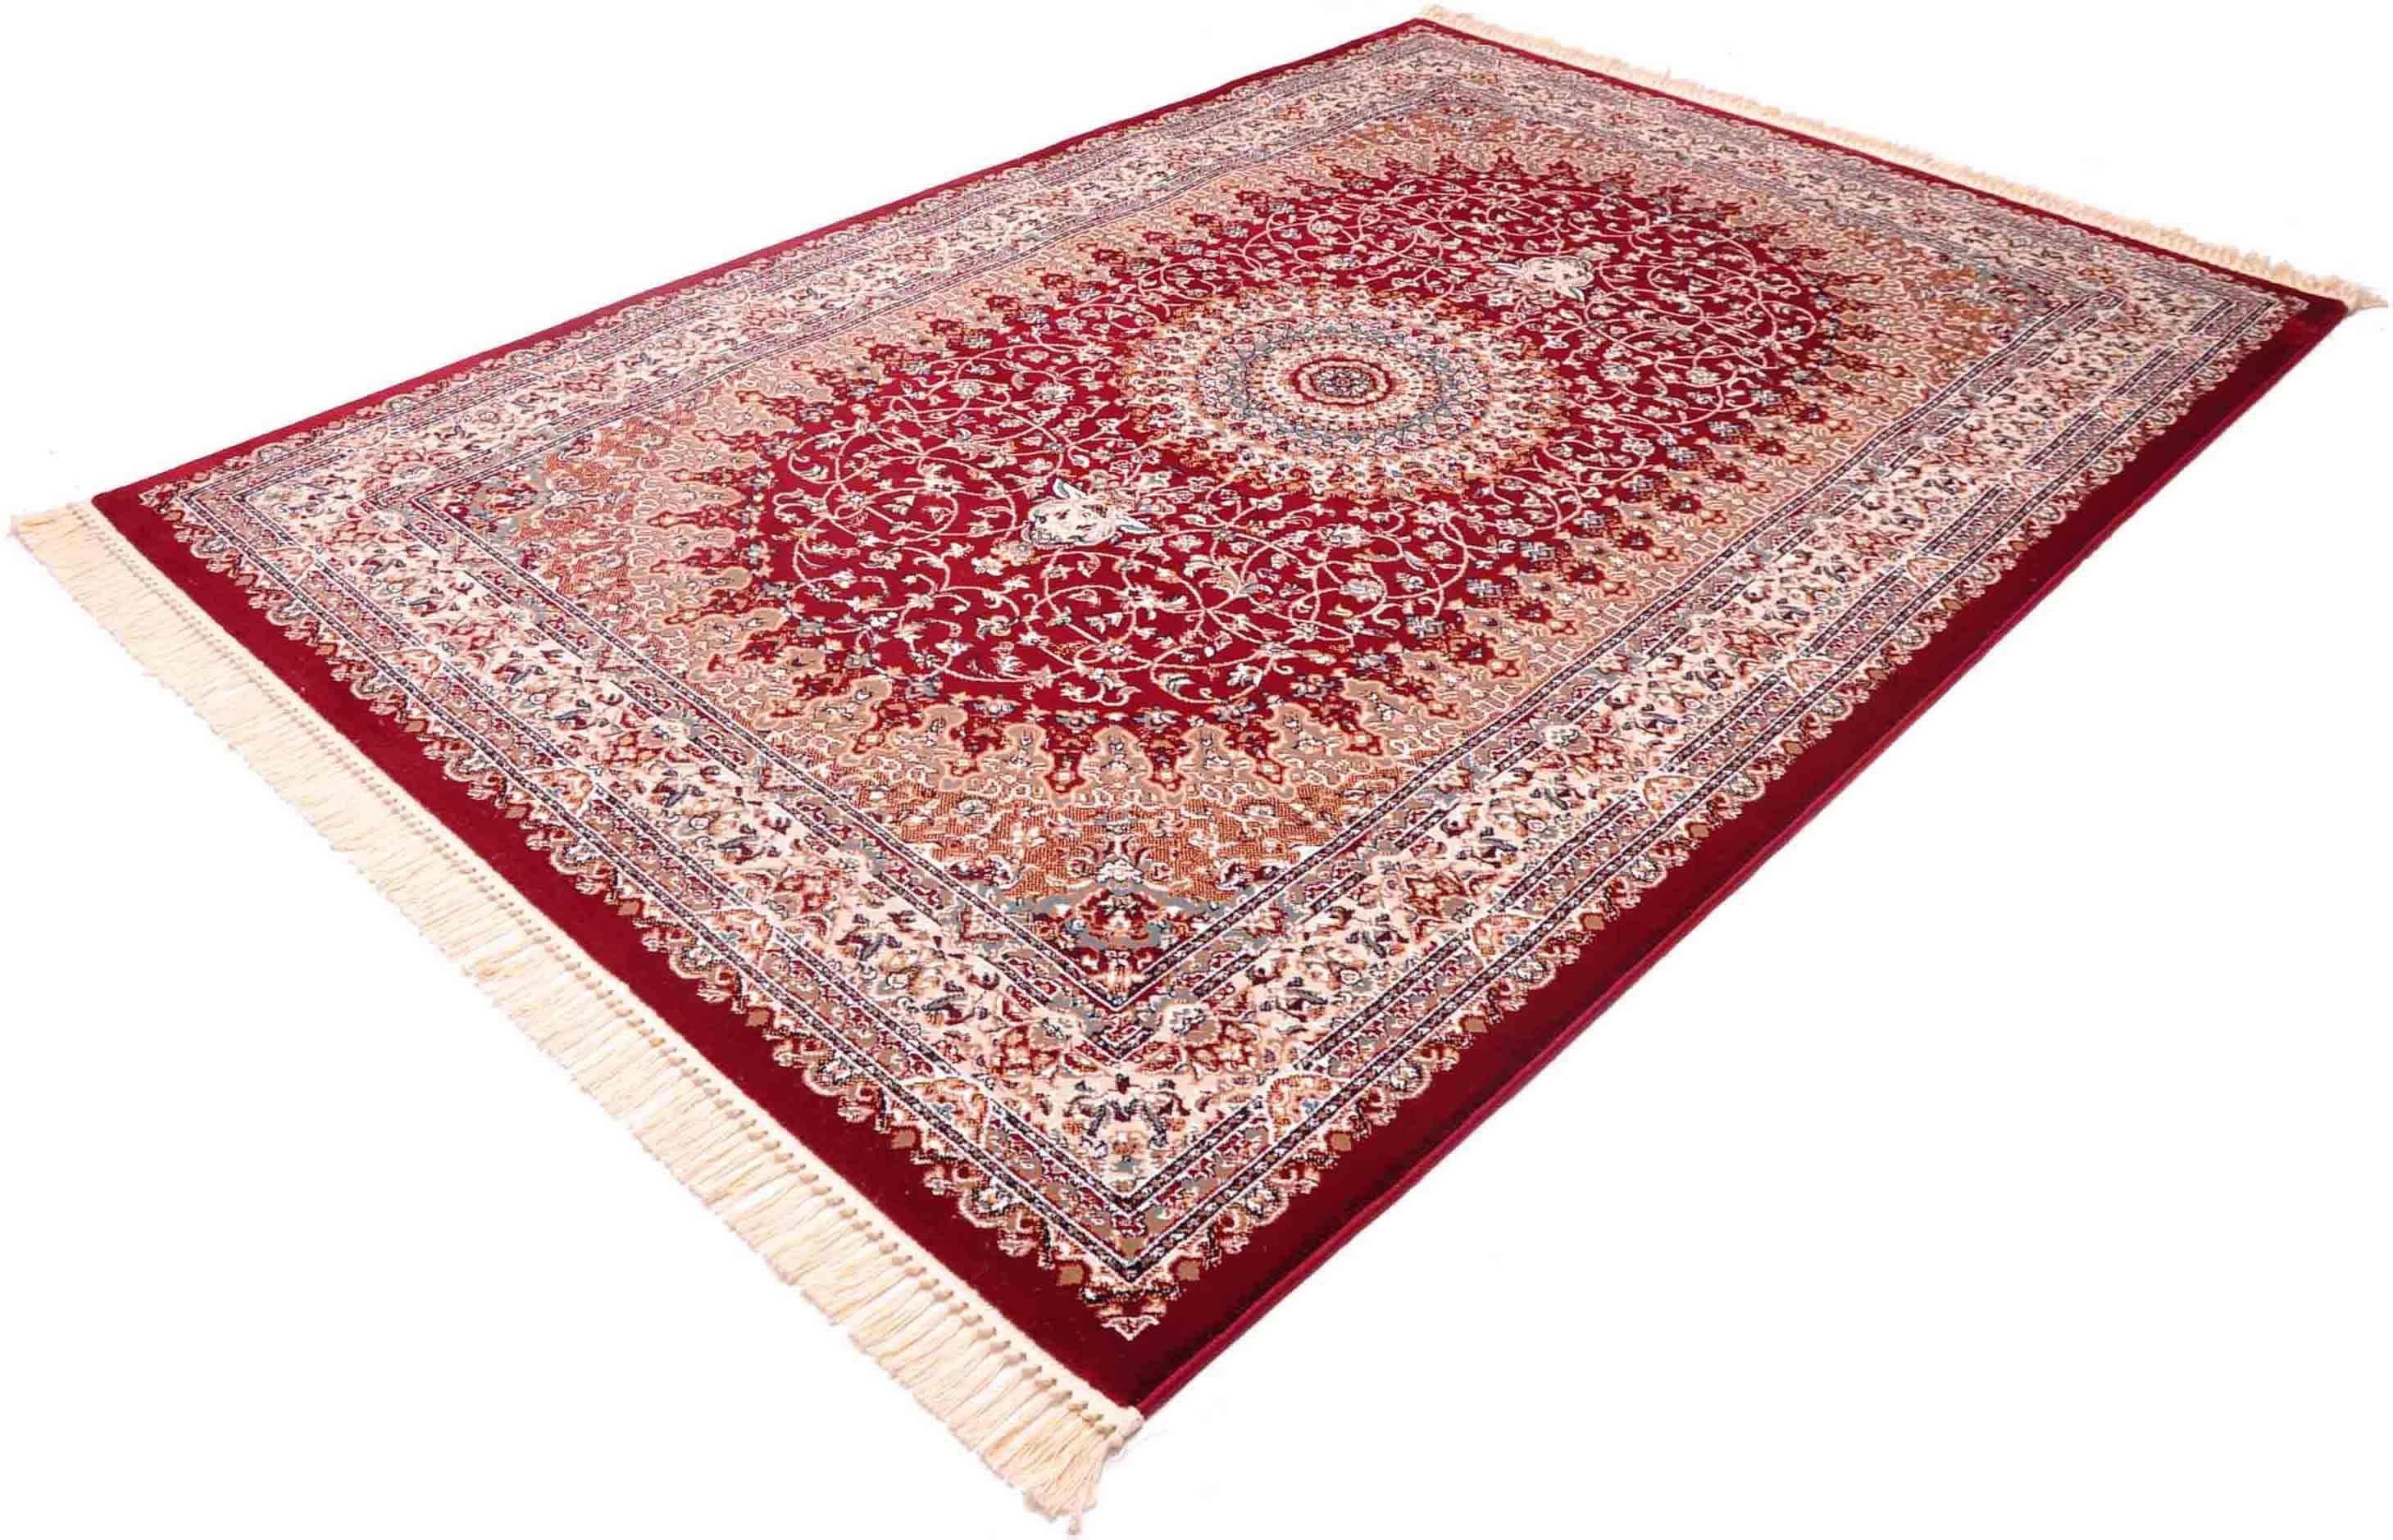 Teppich Classic 3216 Böing Carpet rechteckig Höhe 10 mm maschinell zusammengesetzt